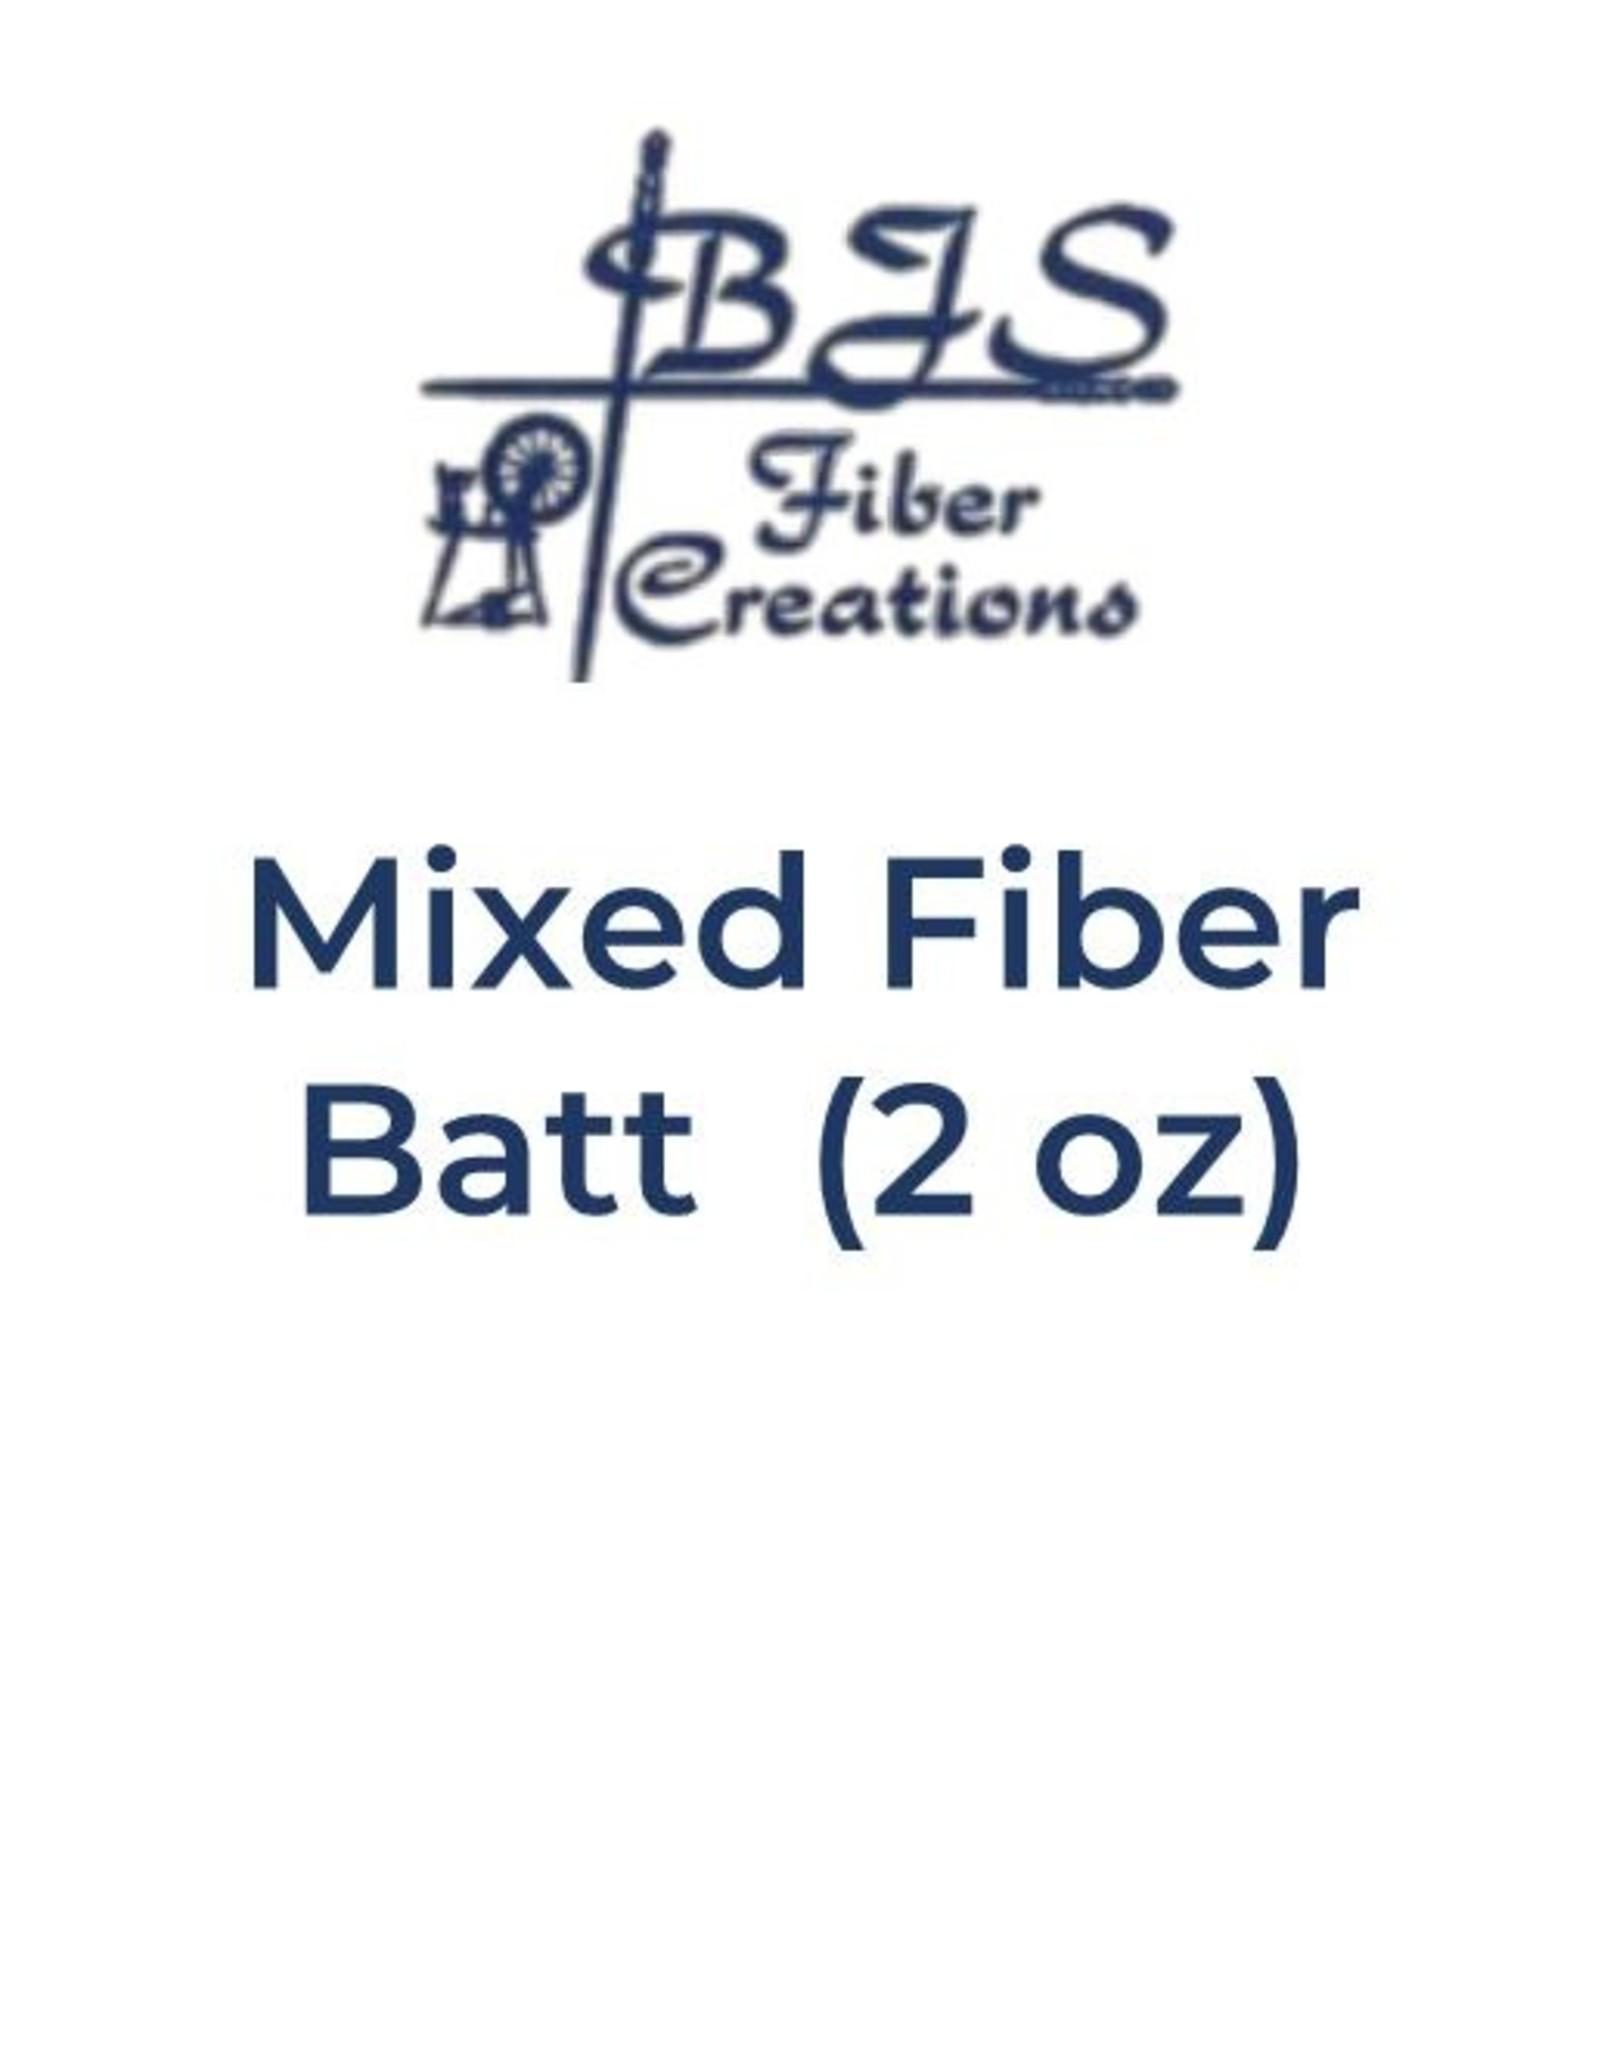 BJS Trunk Show Mixed Fiber Batts (2 oz) BATT #01